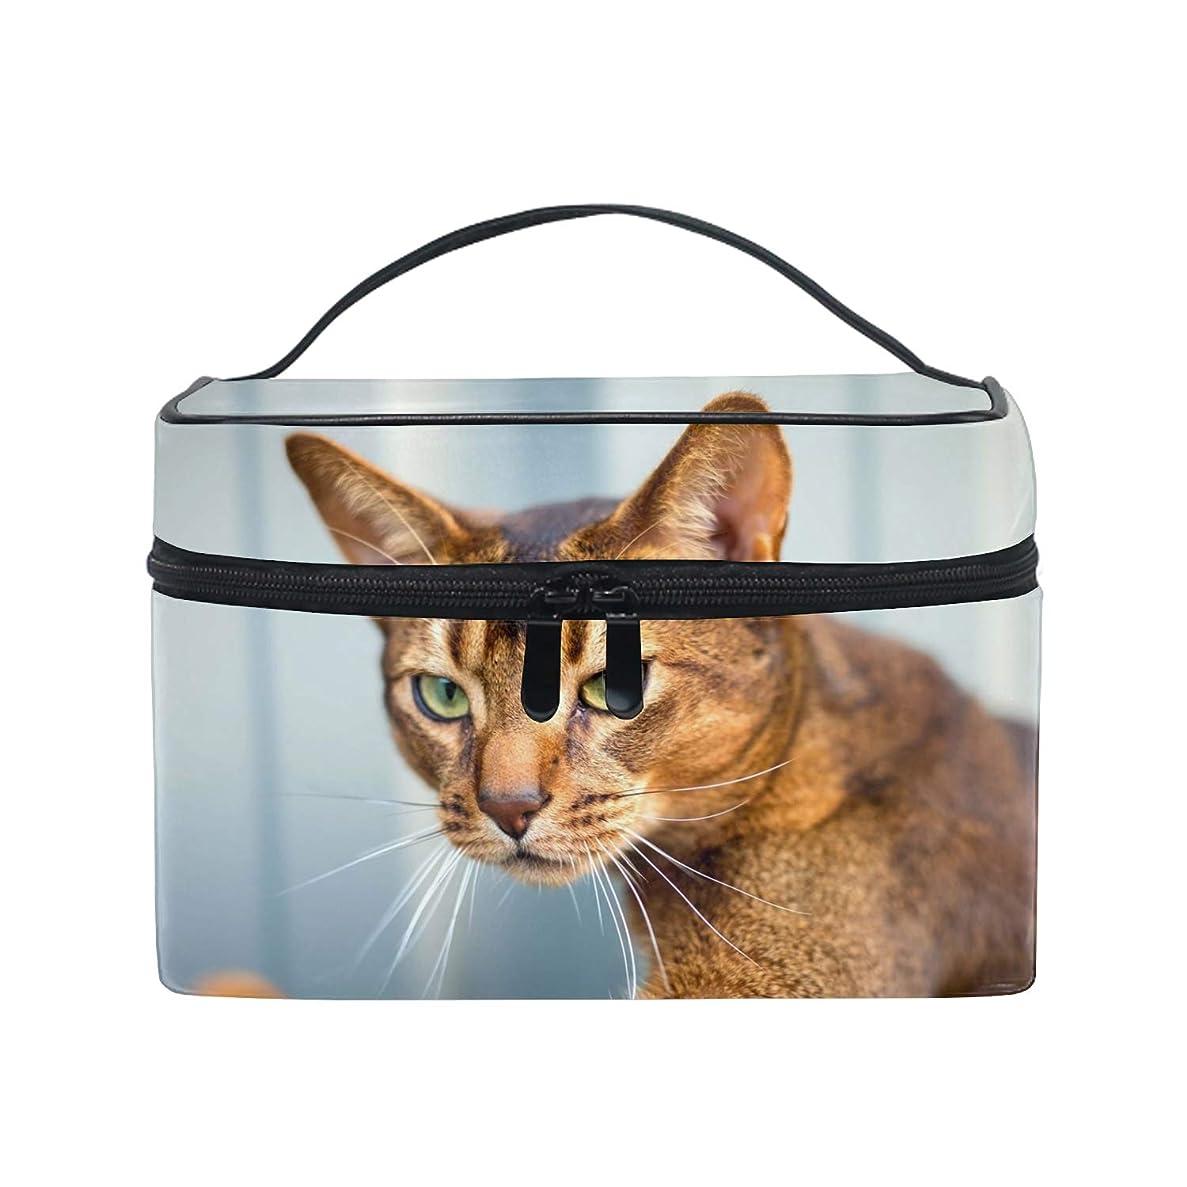 憎しみイチゴ贅沢な収納ポーチ 通勤 出張 旅行 大容量 アビシニアン猫のぼかし軽量 携帯 便利